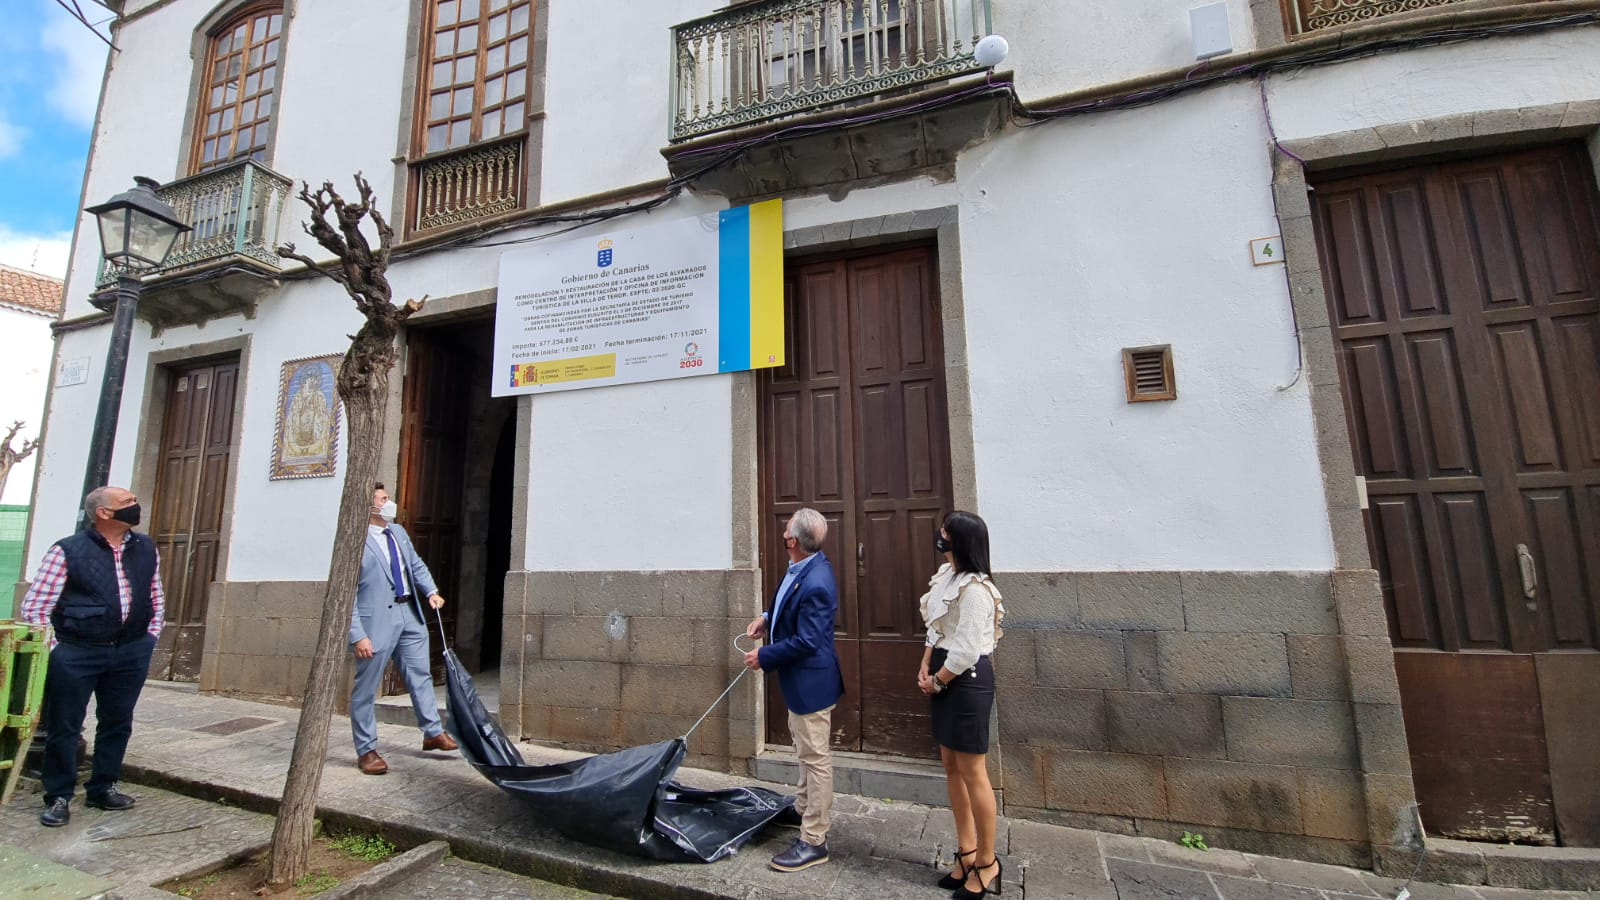 Turismo de Canarias convertirá la Casa de los Alvarado de Teror en un centro de interpretación